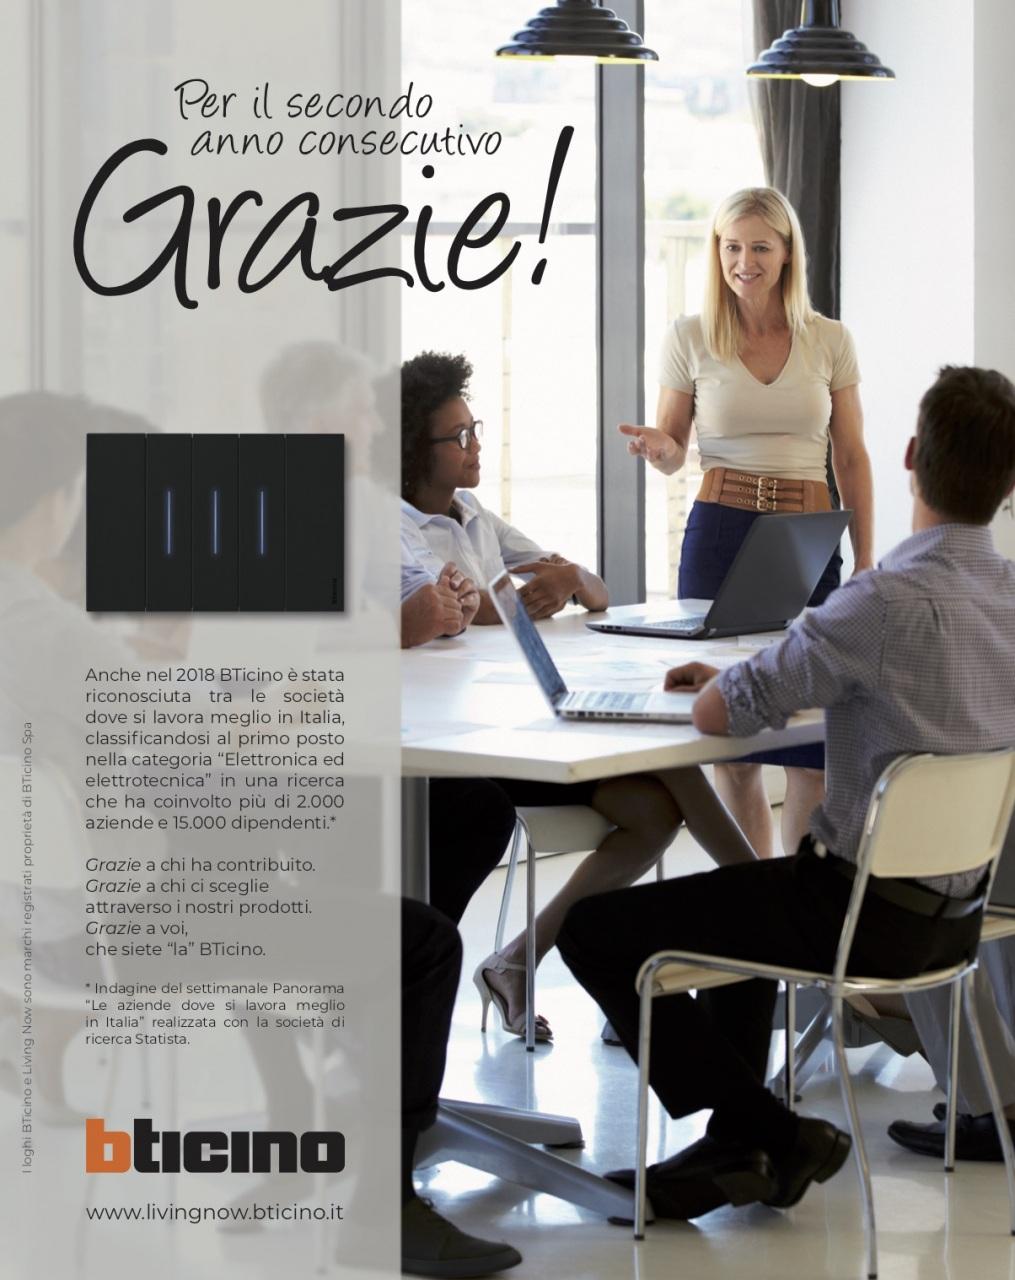 """BTicino prima tra """"Le aziende in cui si lavora meglio in Italia 2018"""" nella categoria elettronica, elettrotecnica e attrezzature mediche"""